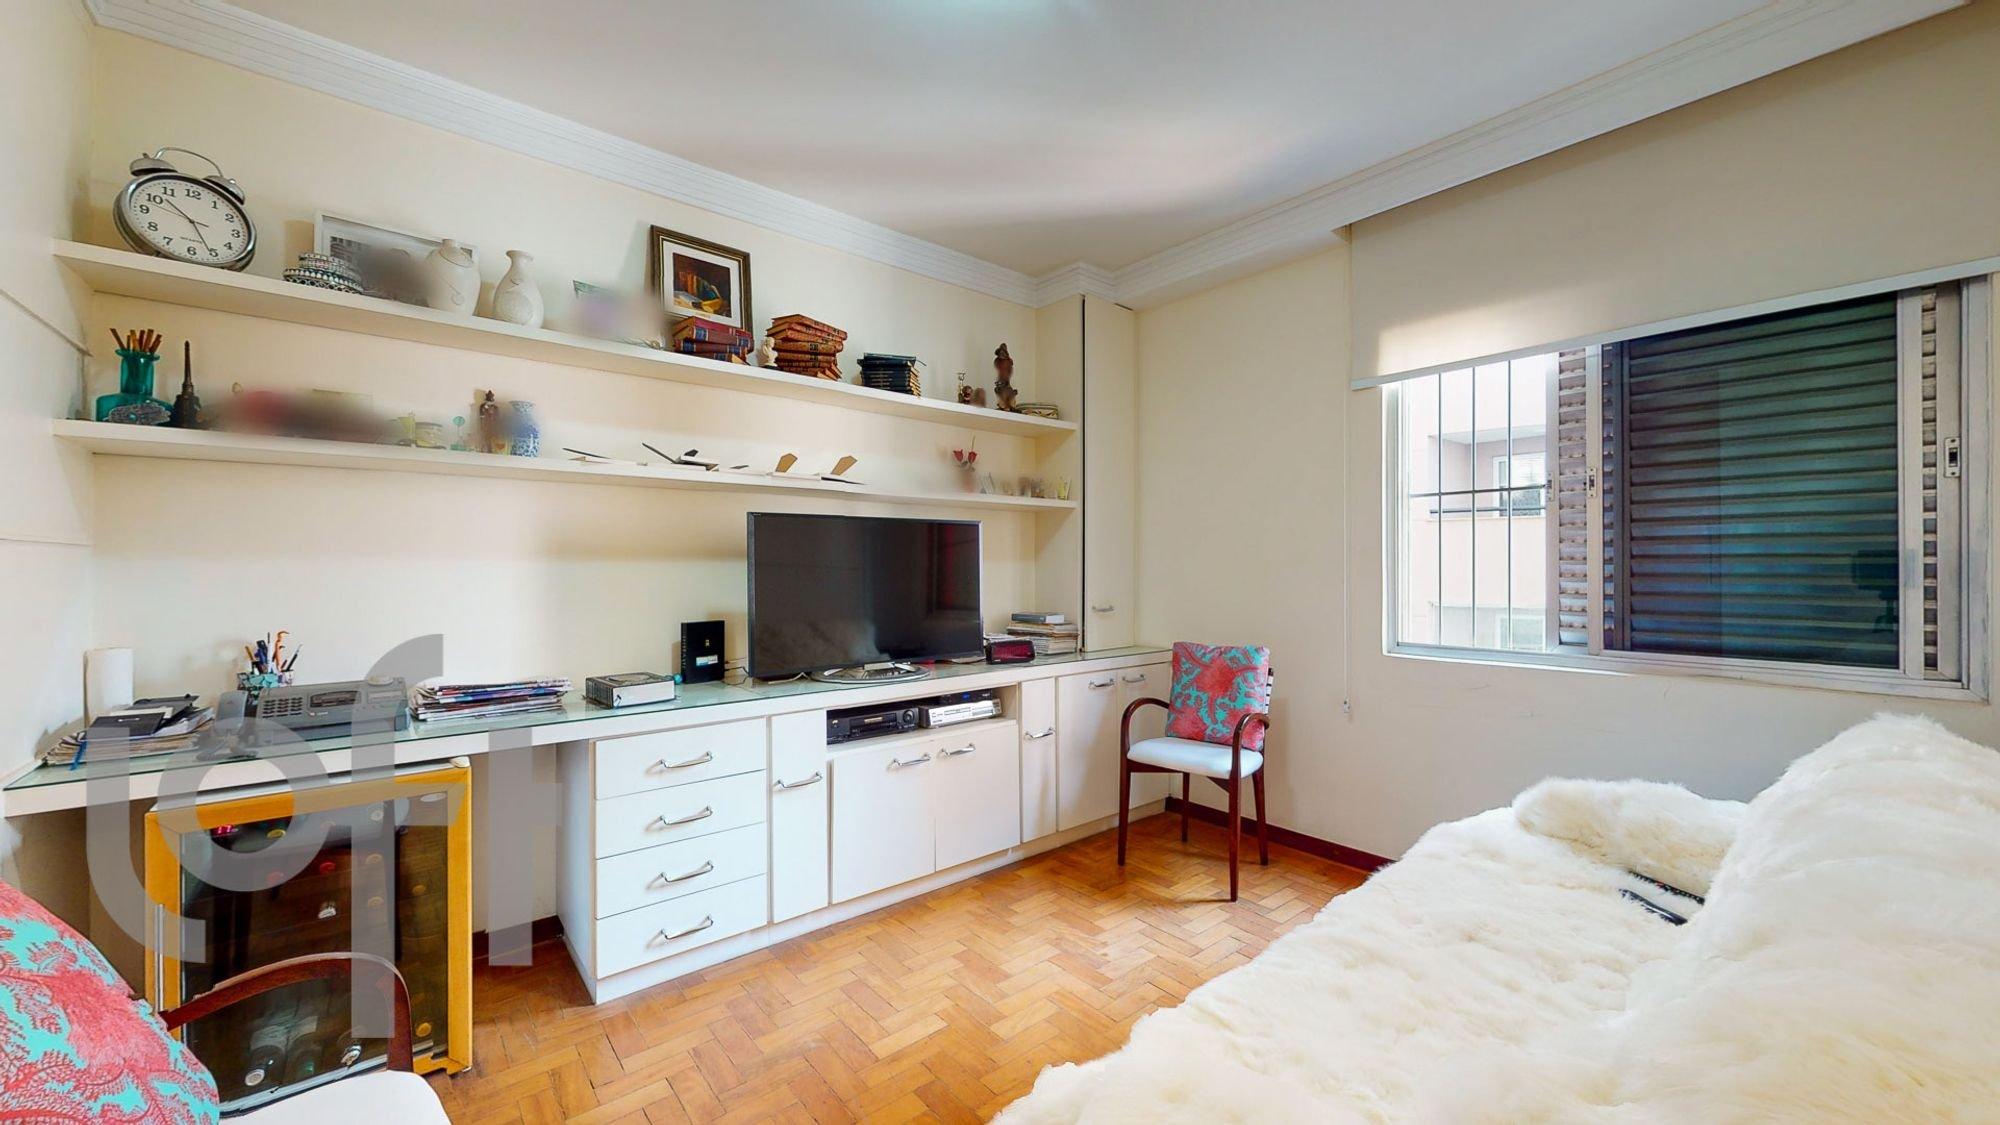 Foto de Cozinha com cama, televisão, vaso, relógio, cadeira